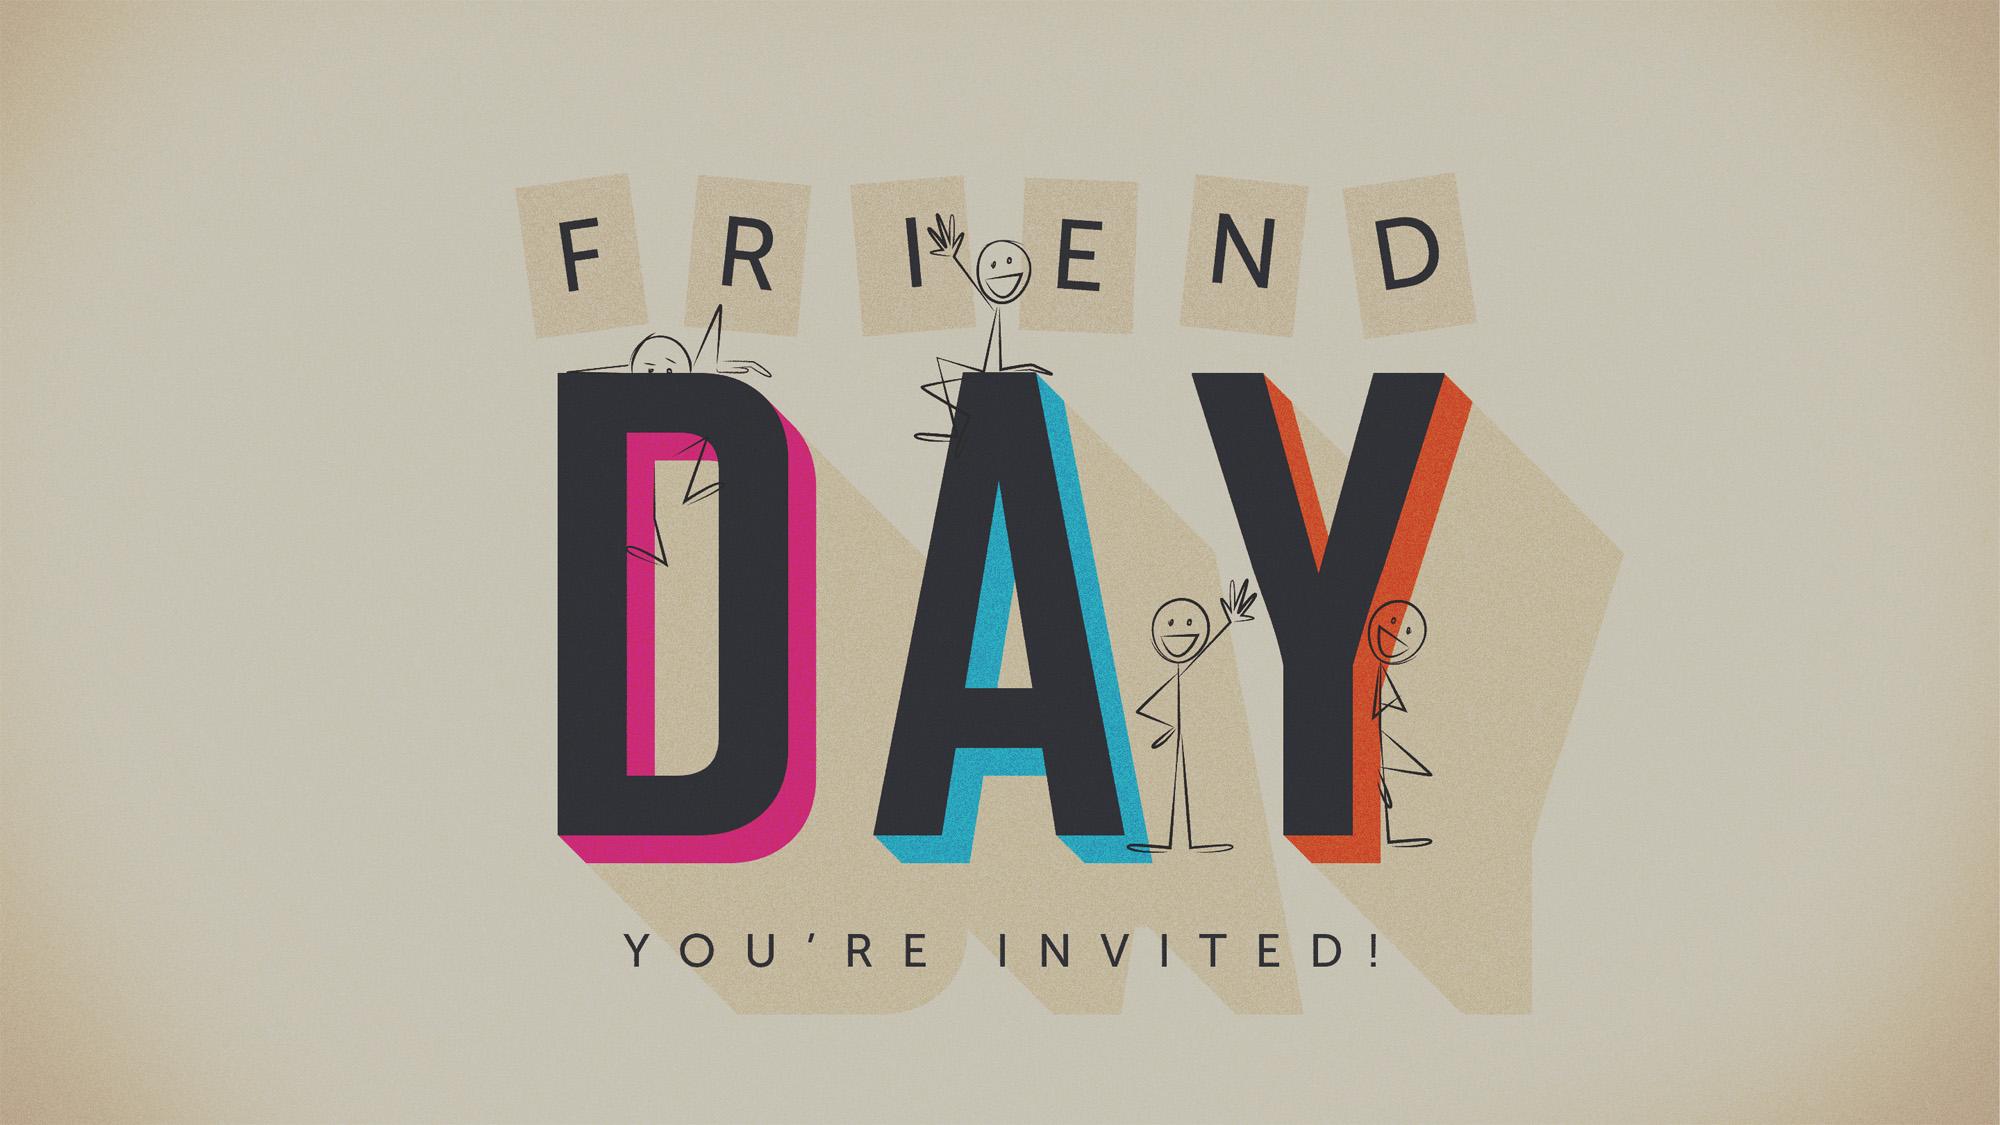 Friendday_WIDE-TITLE-1.jpg